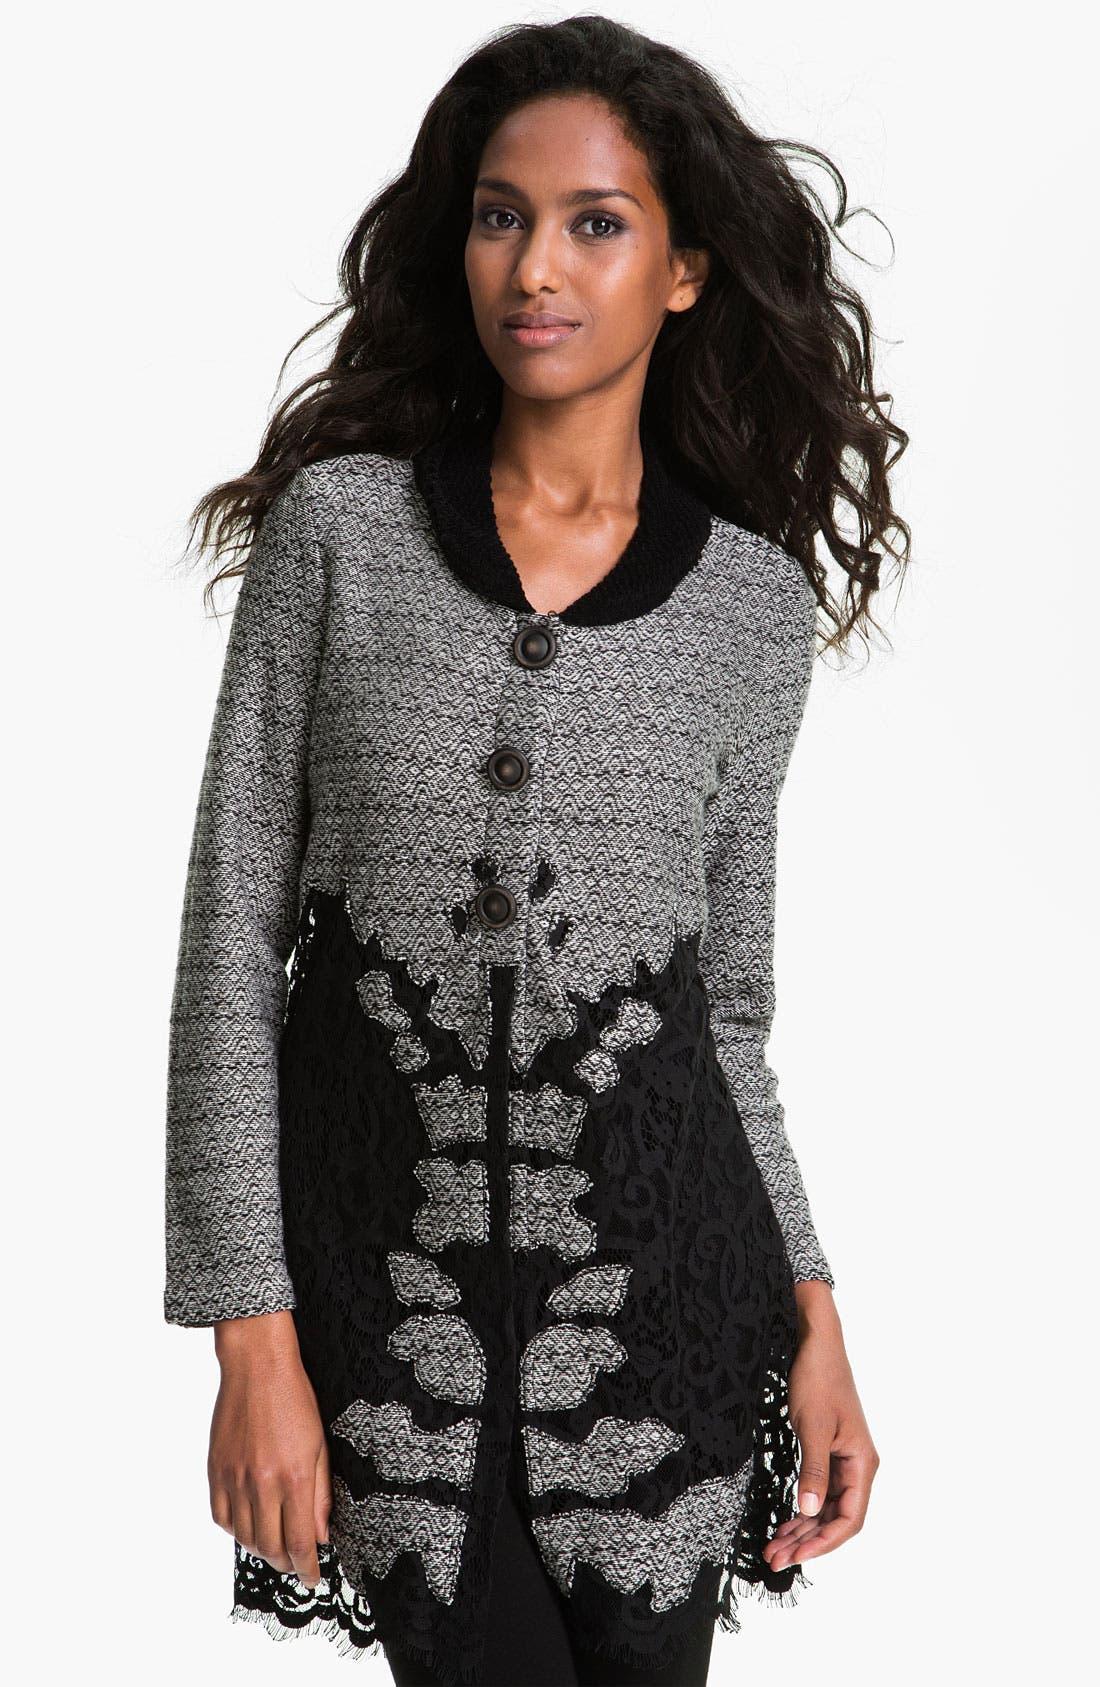 Main Image - Nic + Zoe Lace Trim Sweater Jacket